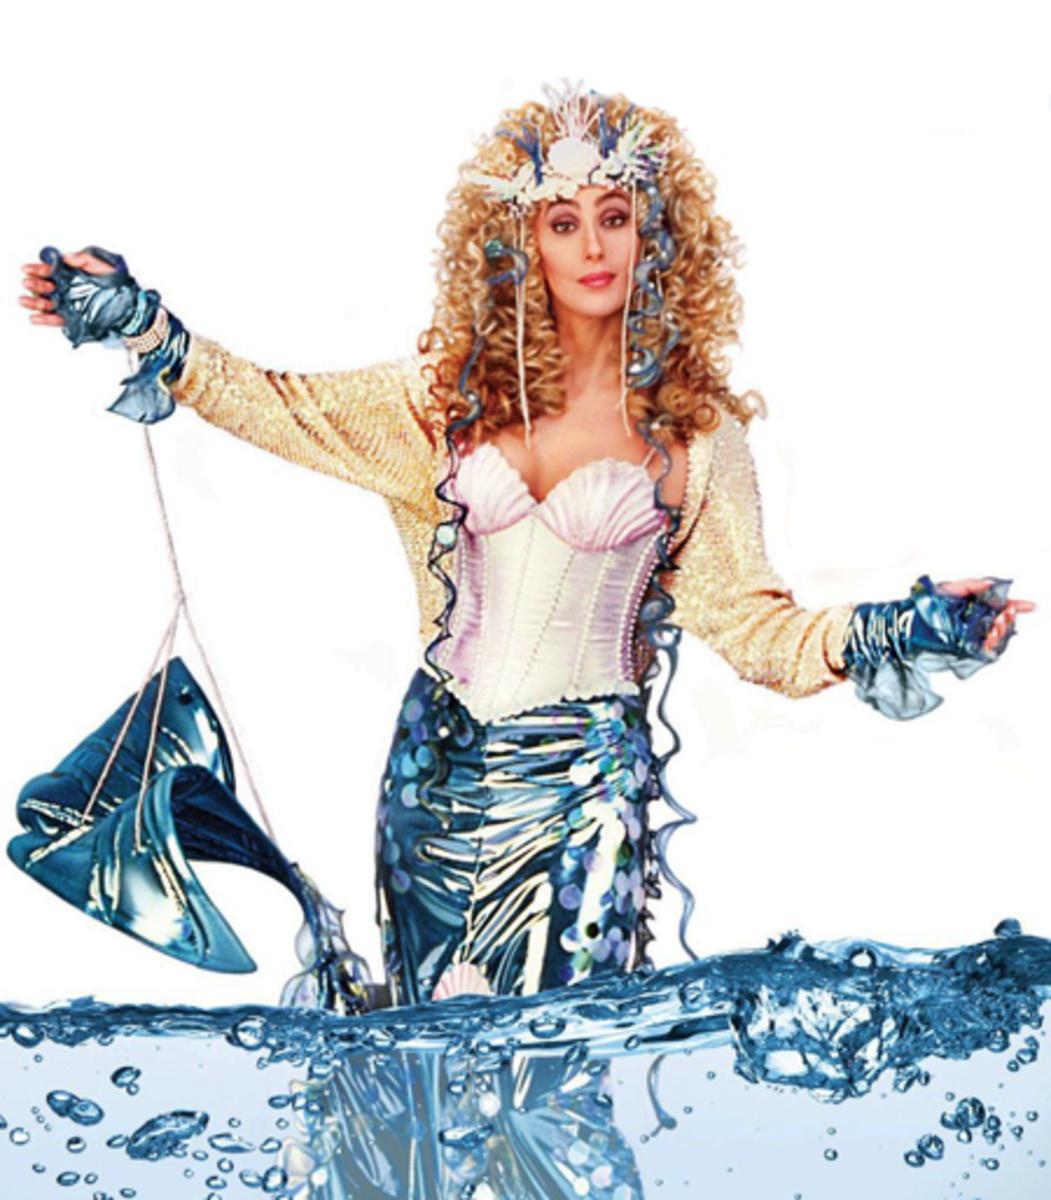 Cher Mermaid Costume